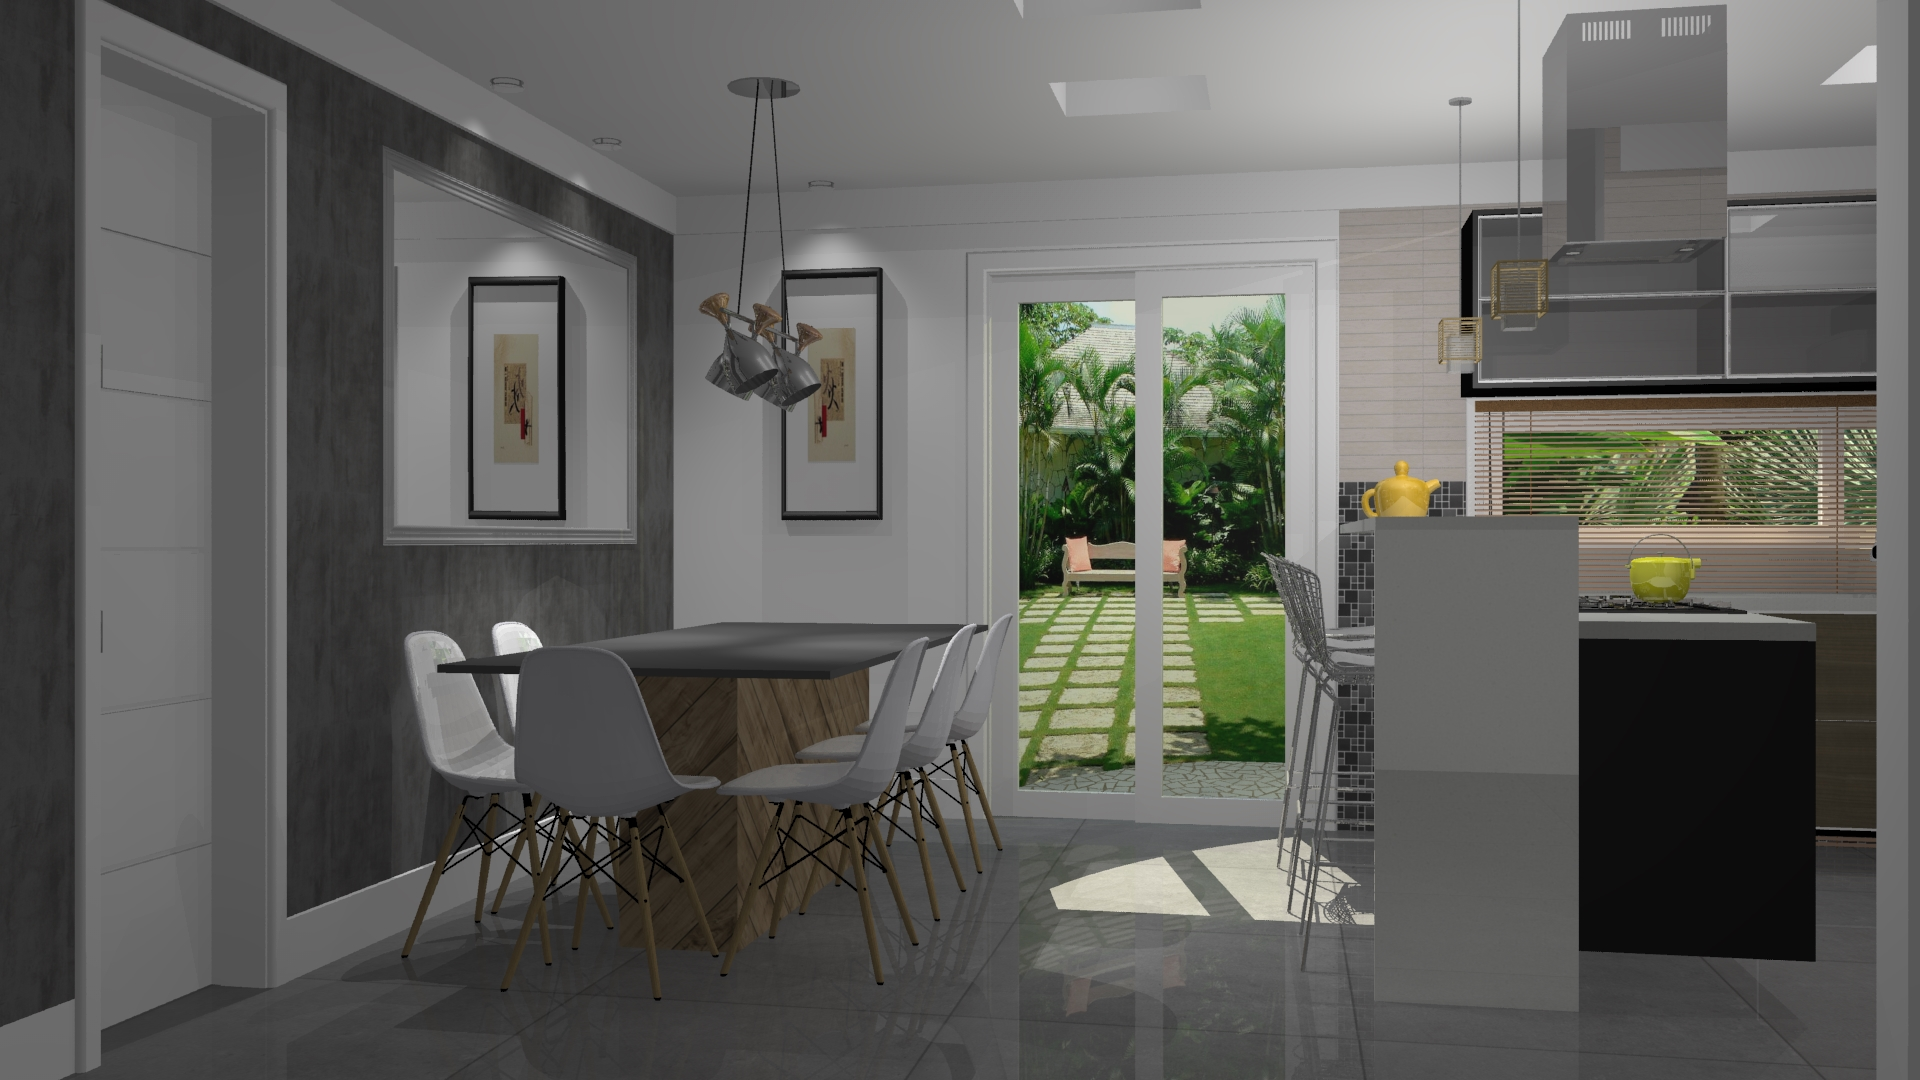 projetos de cozinhas planejadas cozinha em u modelo cozinha cozinha #997E32 1920 1080